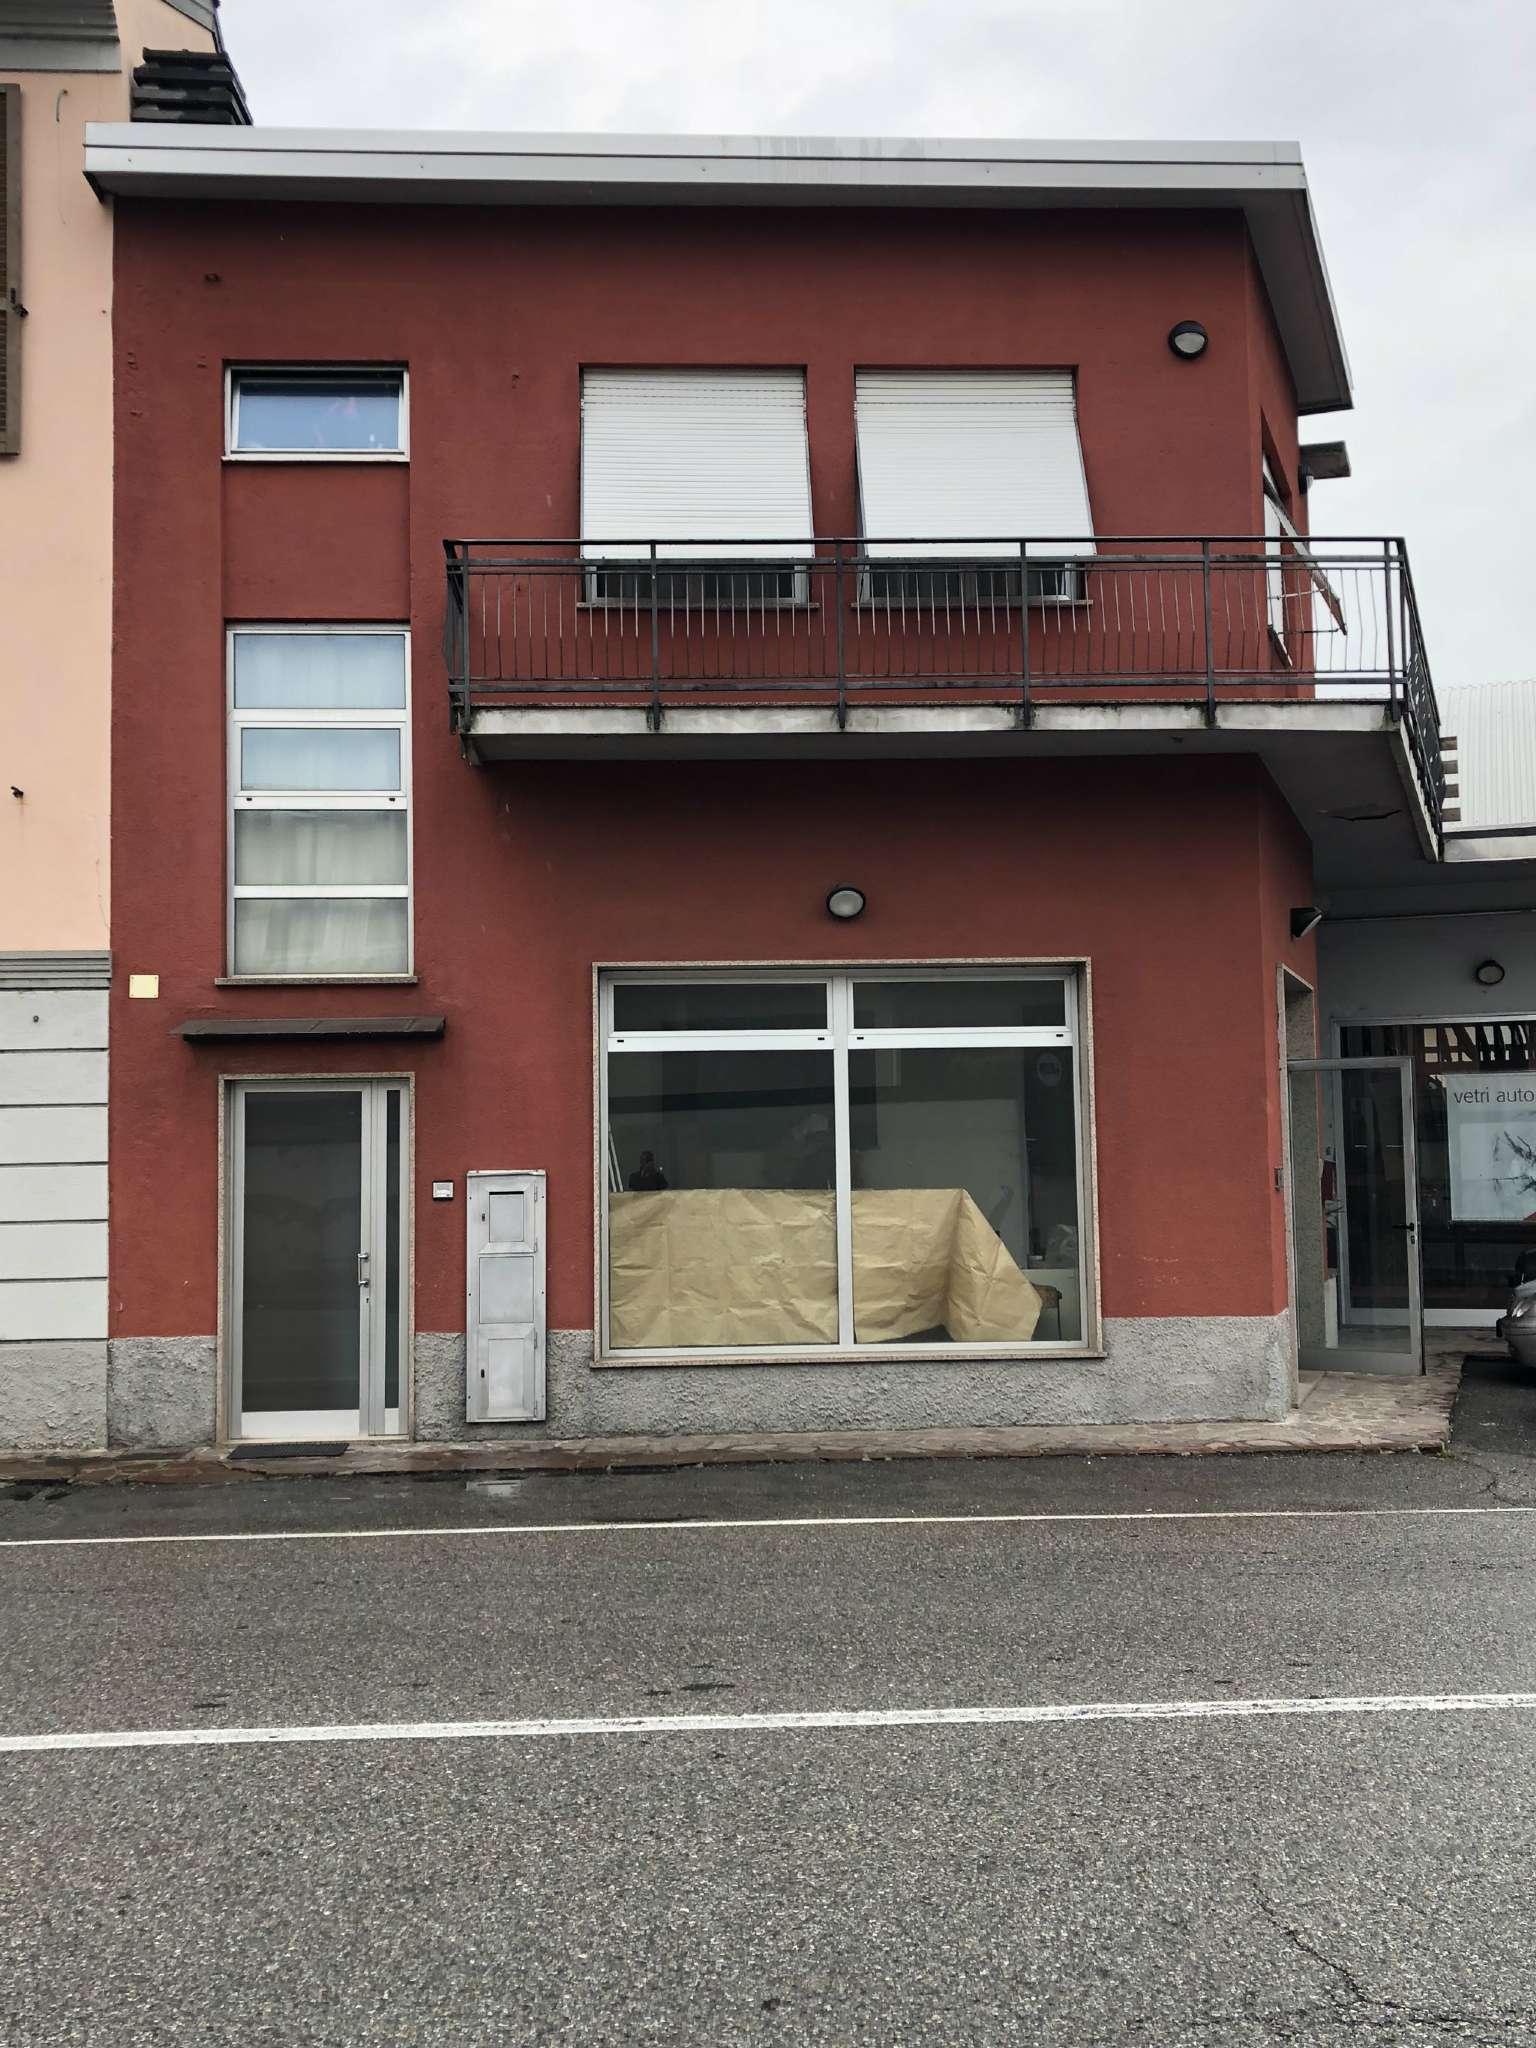 Ufficio / Studio in affitto a Galliate, 1 locali, prezzo € 650 | CambioCasa.it